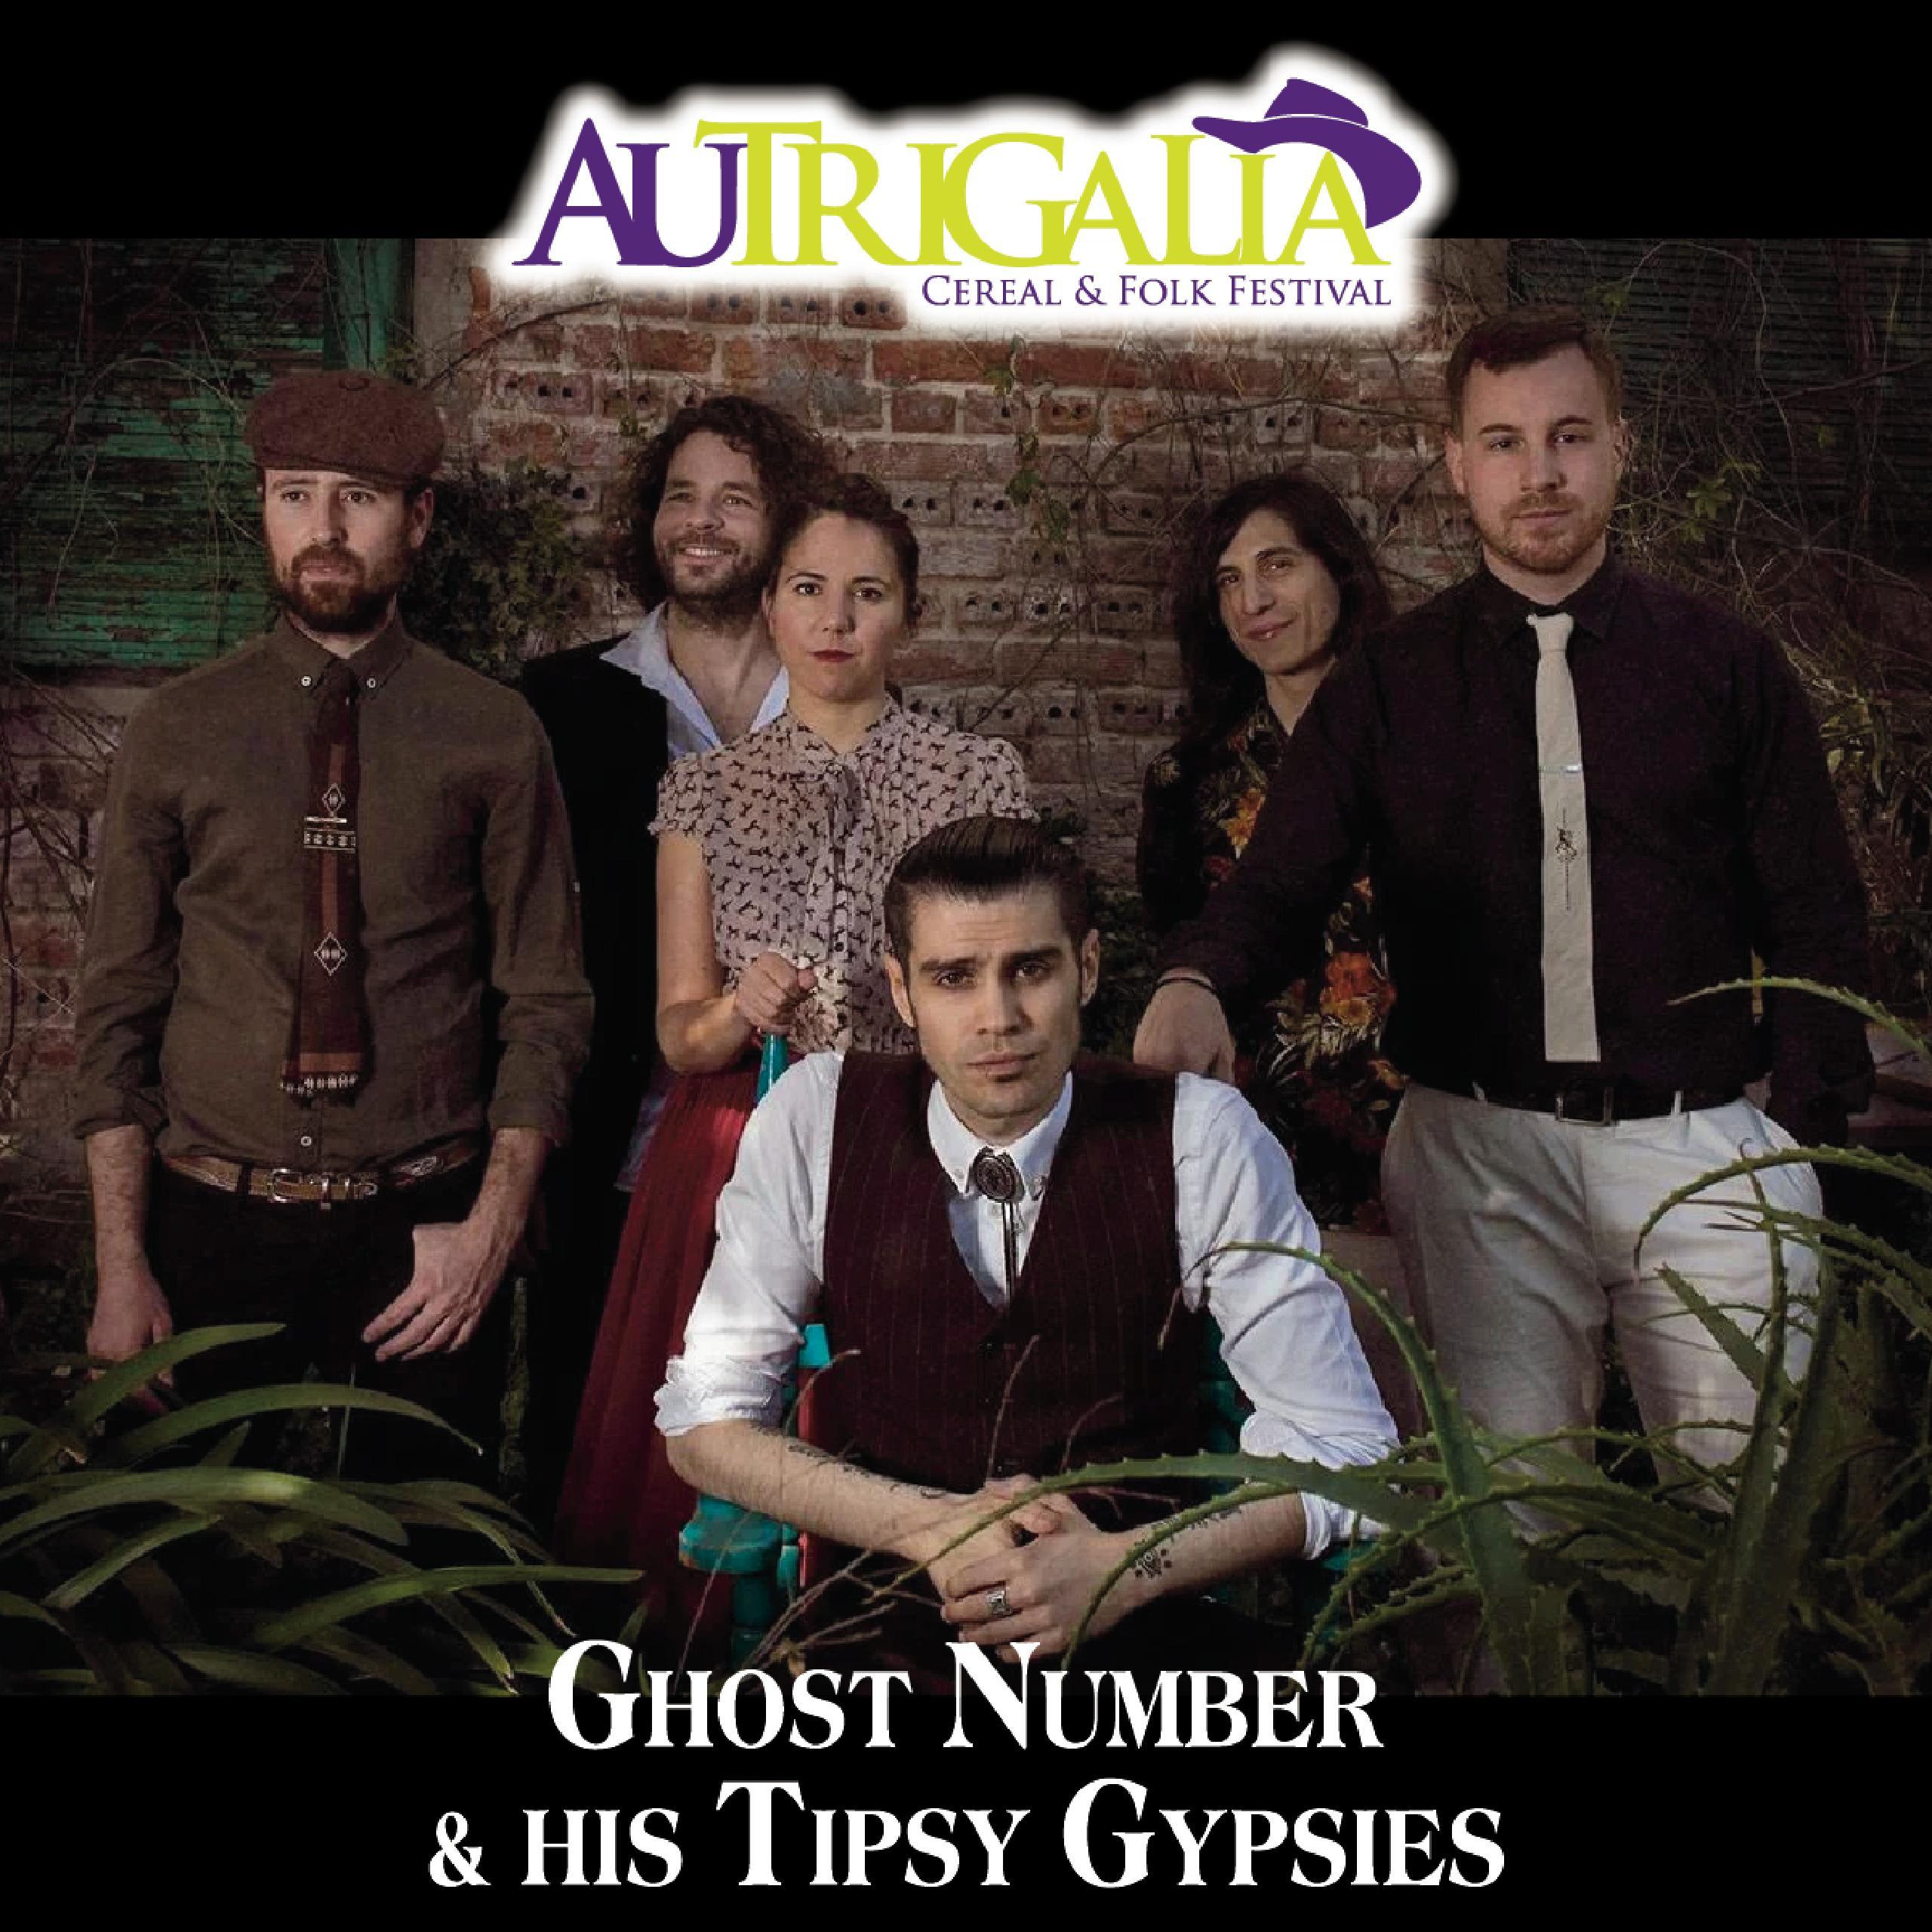 Ghost Number & his tipsy gypsies